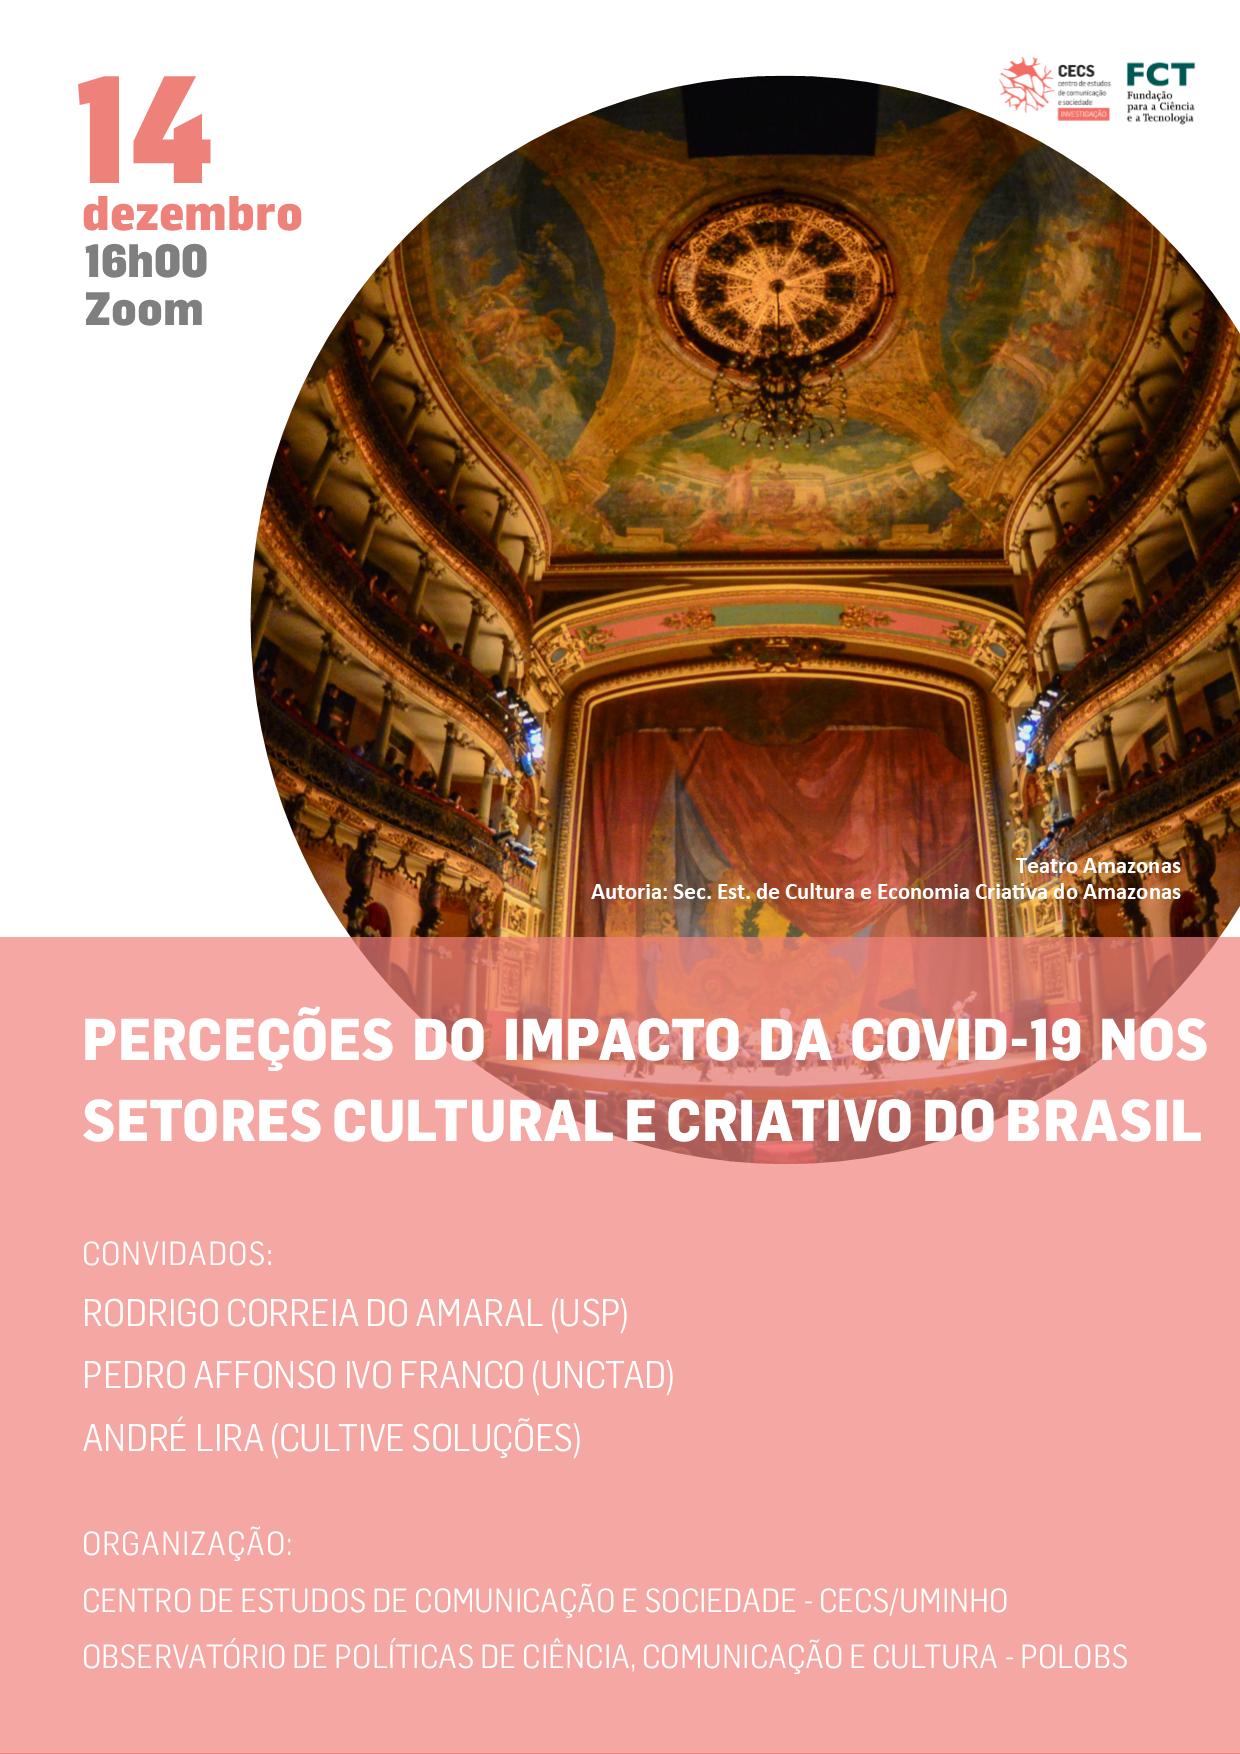 Perceções do impacto da Covid-19 nos setores cultural e criativo do Brasil